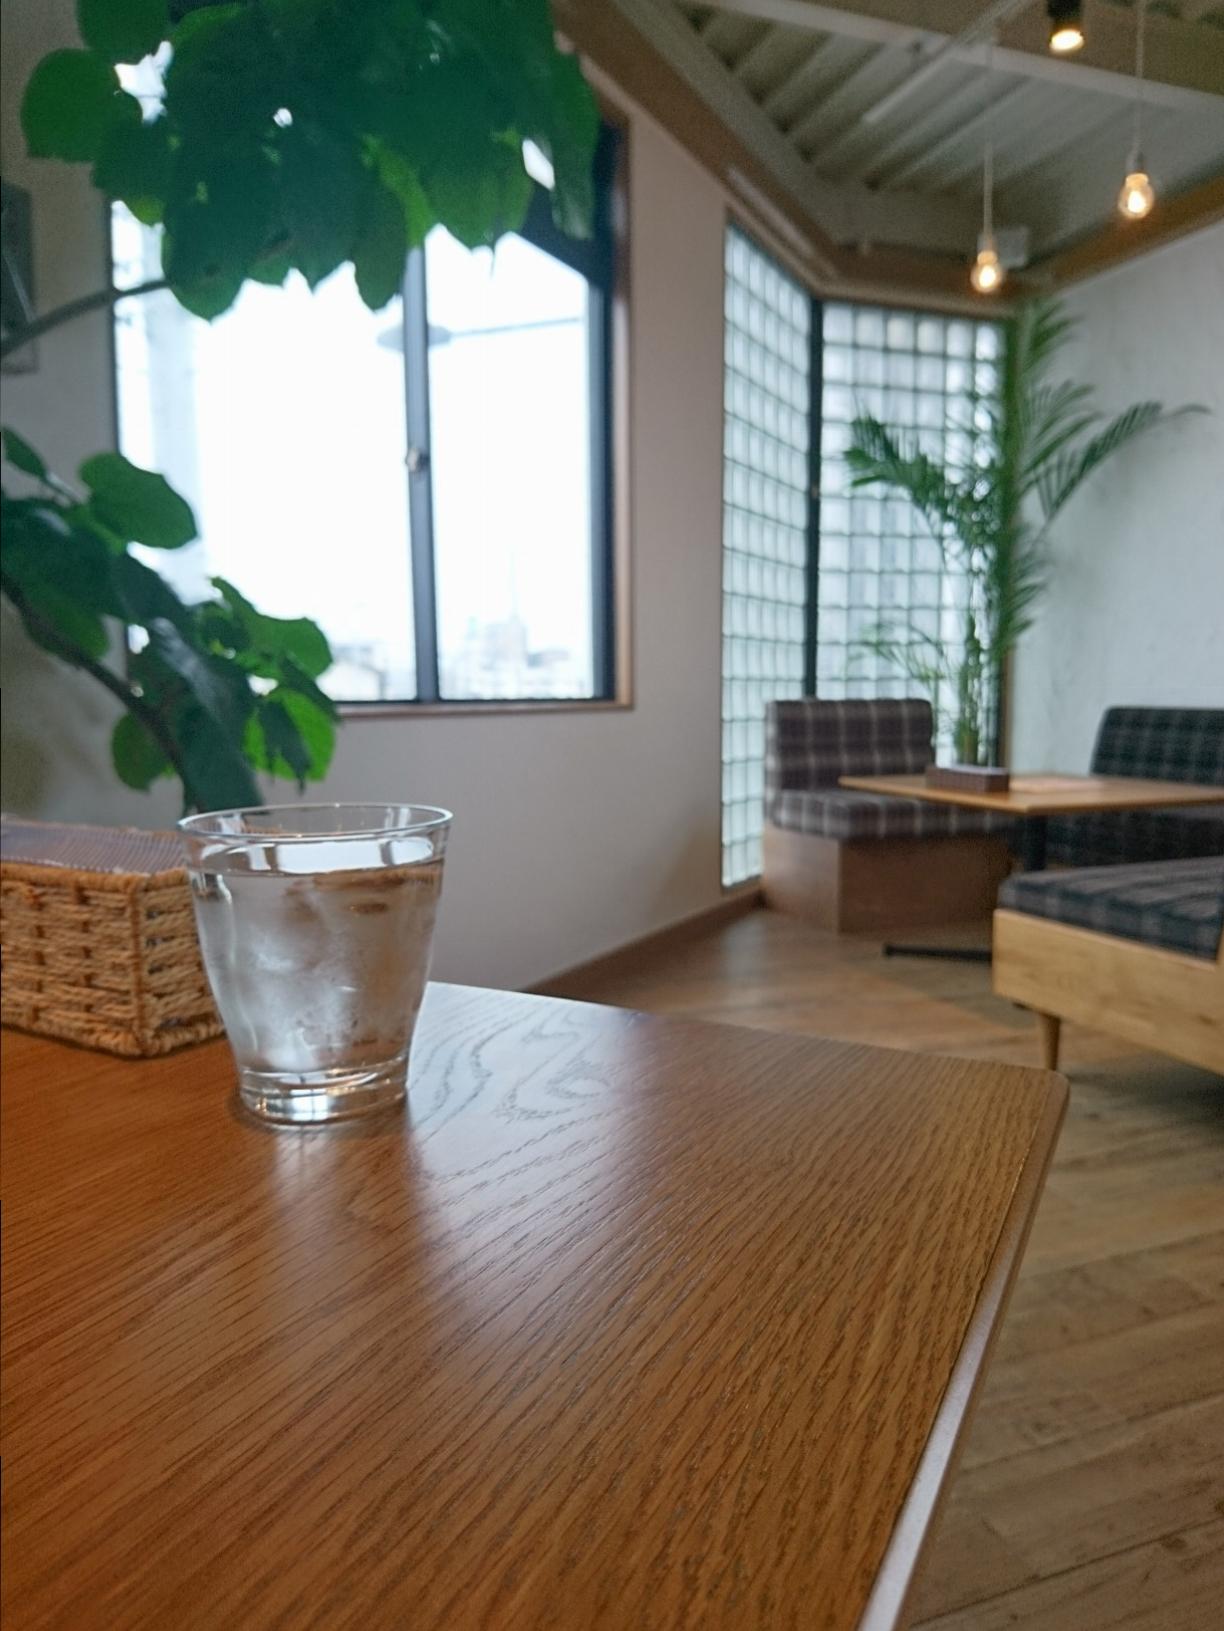 ≪兵庫県・西宮≫ランチもスイーツも美味♡ ふわふわスフレパンケーキのカフェ_5